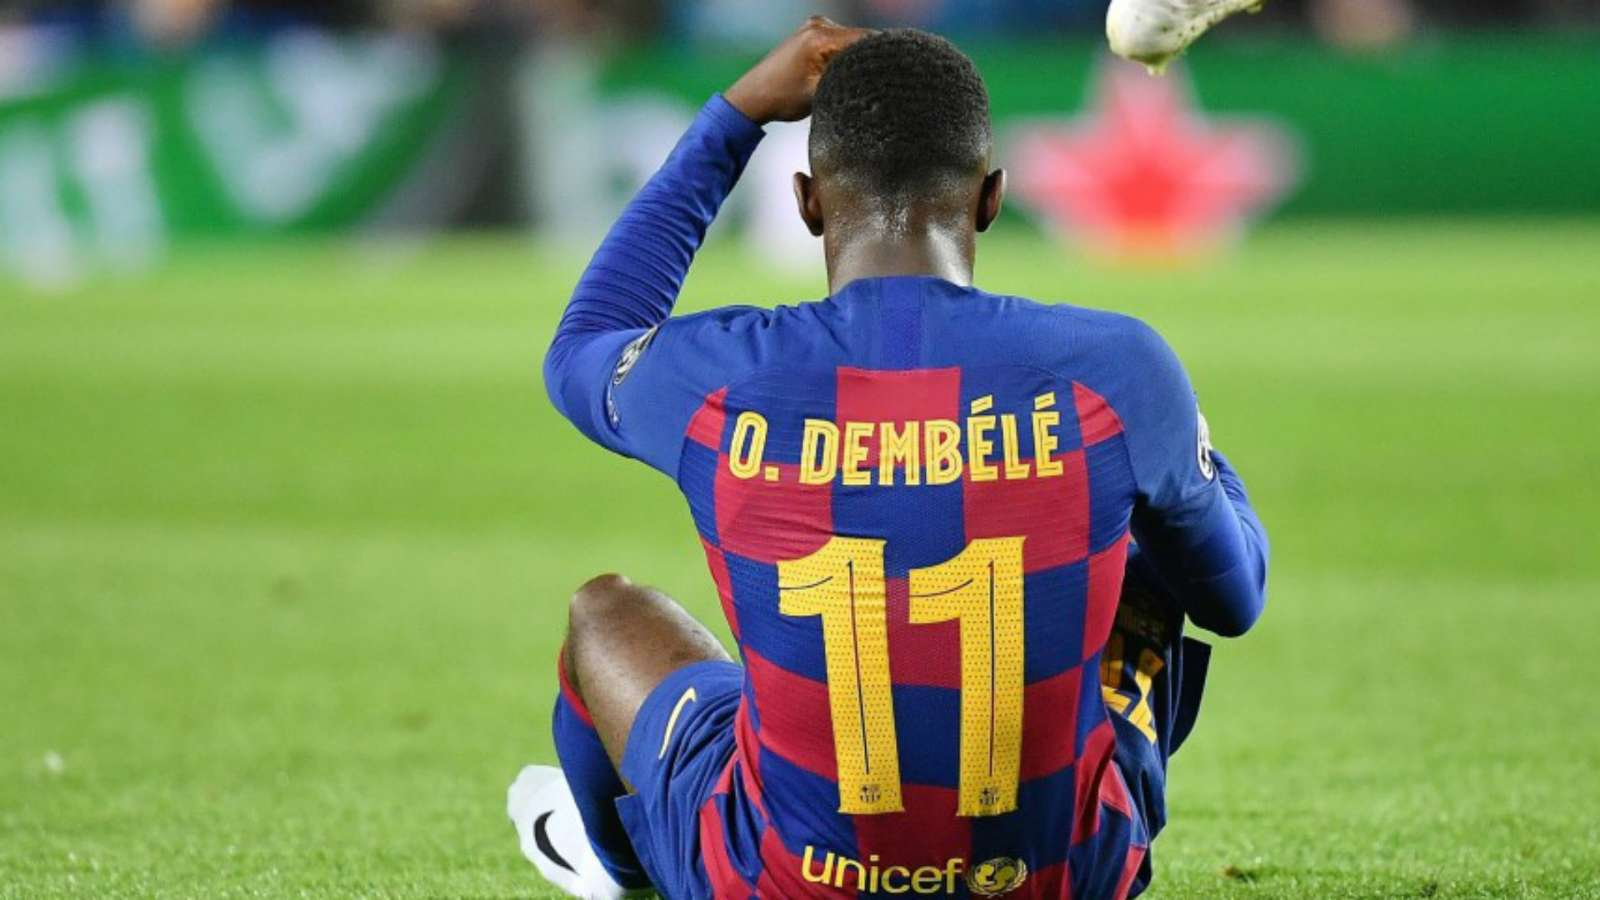 عثمان ديمبيلي - خسارة اقتصادية فادحة.. برشلونة يحدد ثمنًا بخسًا لبيع ديمبيلي